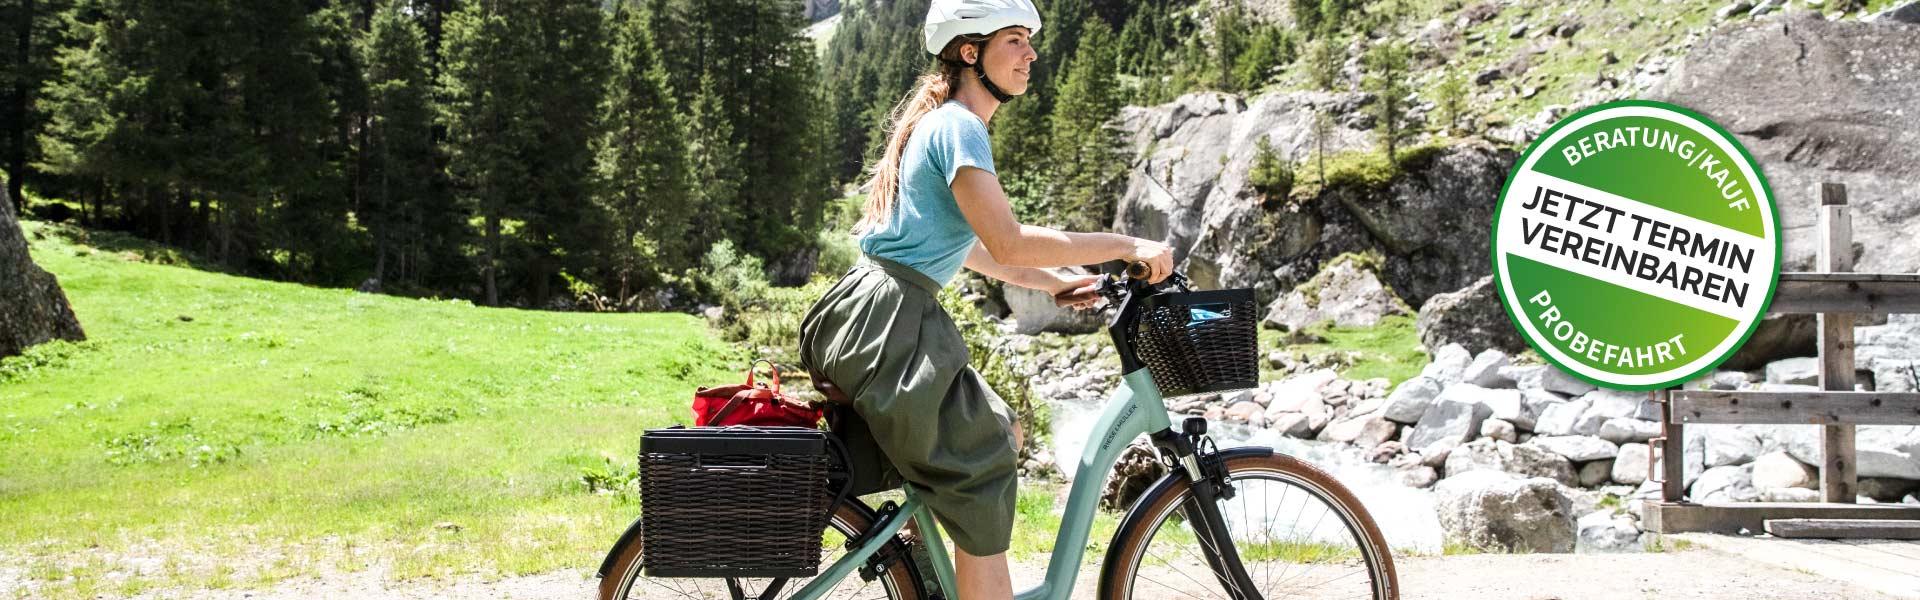 Frau fährt auf einem e-Bike in einer Bergandlandschaft